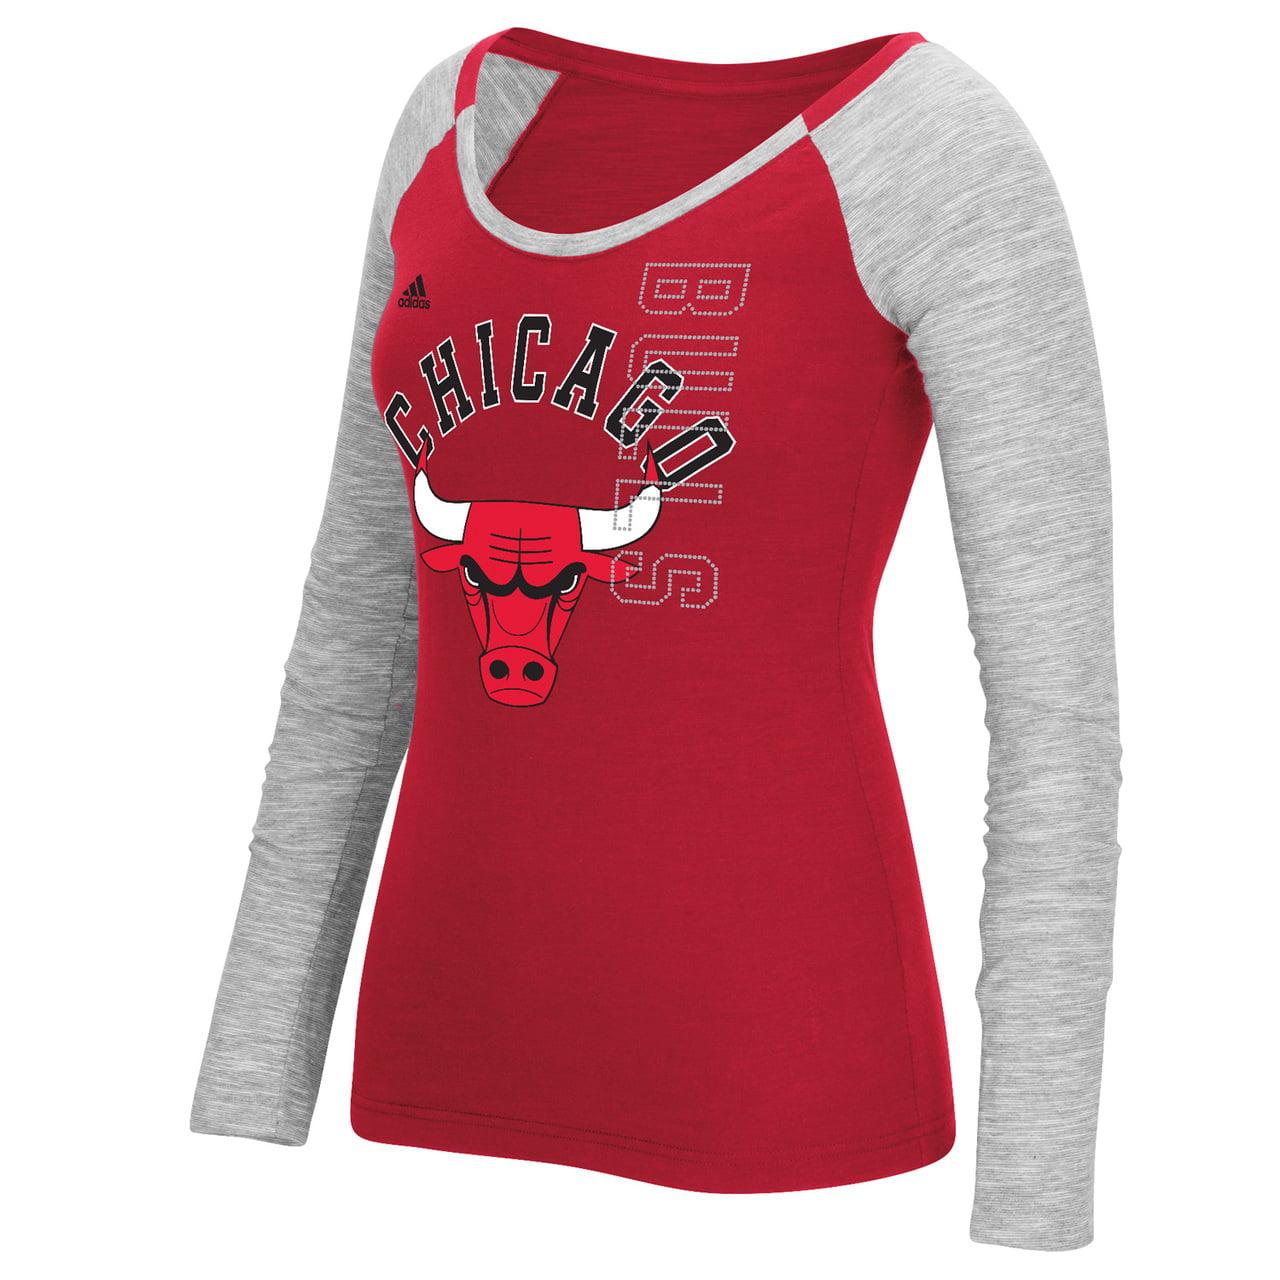 Chicago Bulls Women's Liquid Dots Long Sleeve T-Shirt - Red